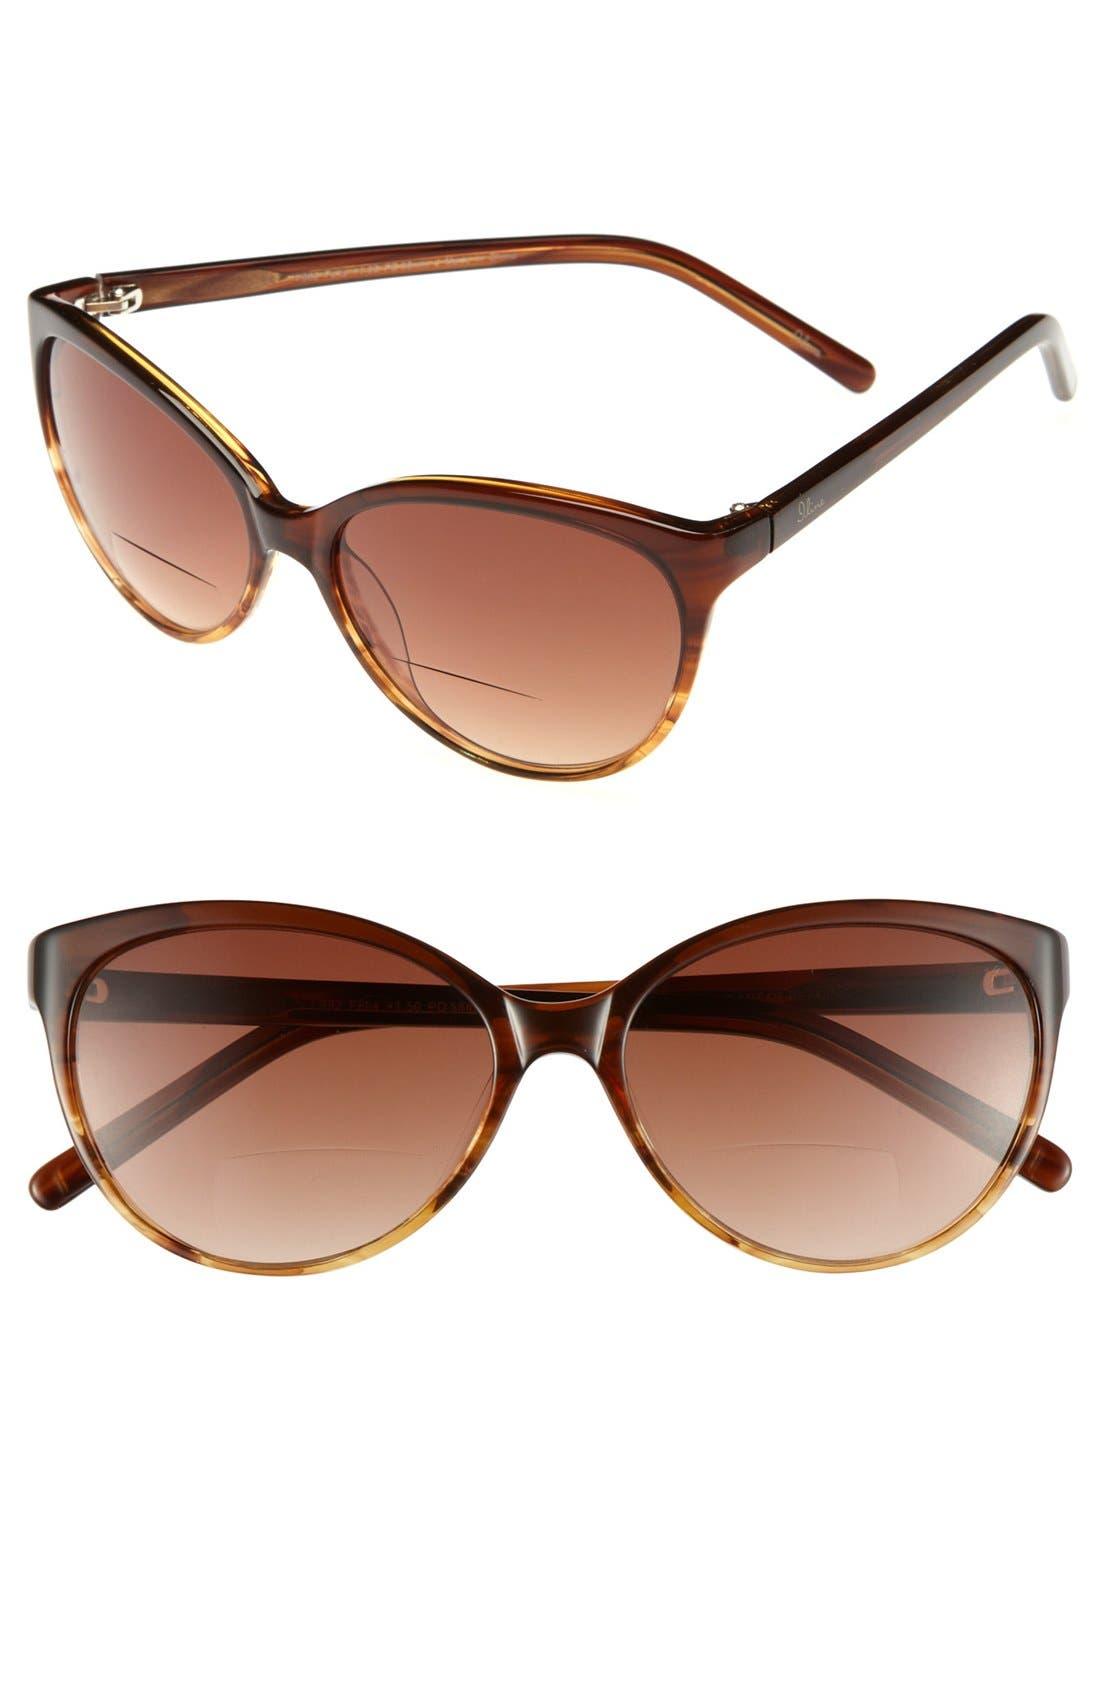 Main Image - I Line Eyewear 'Felis' Reading Sunglasses